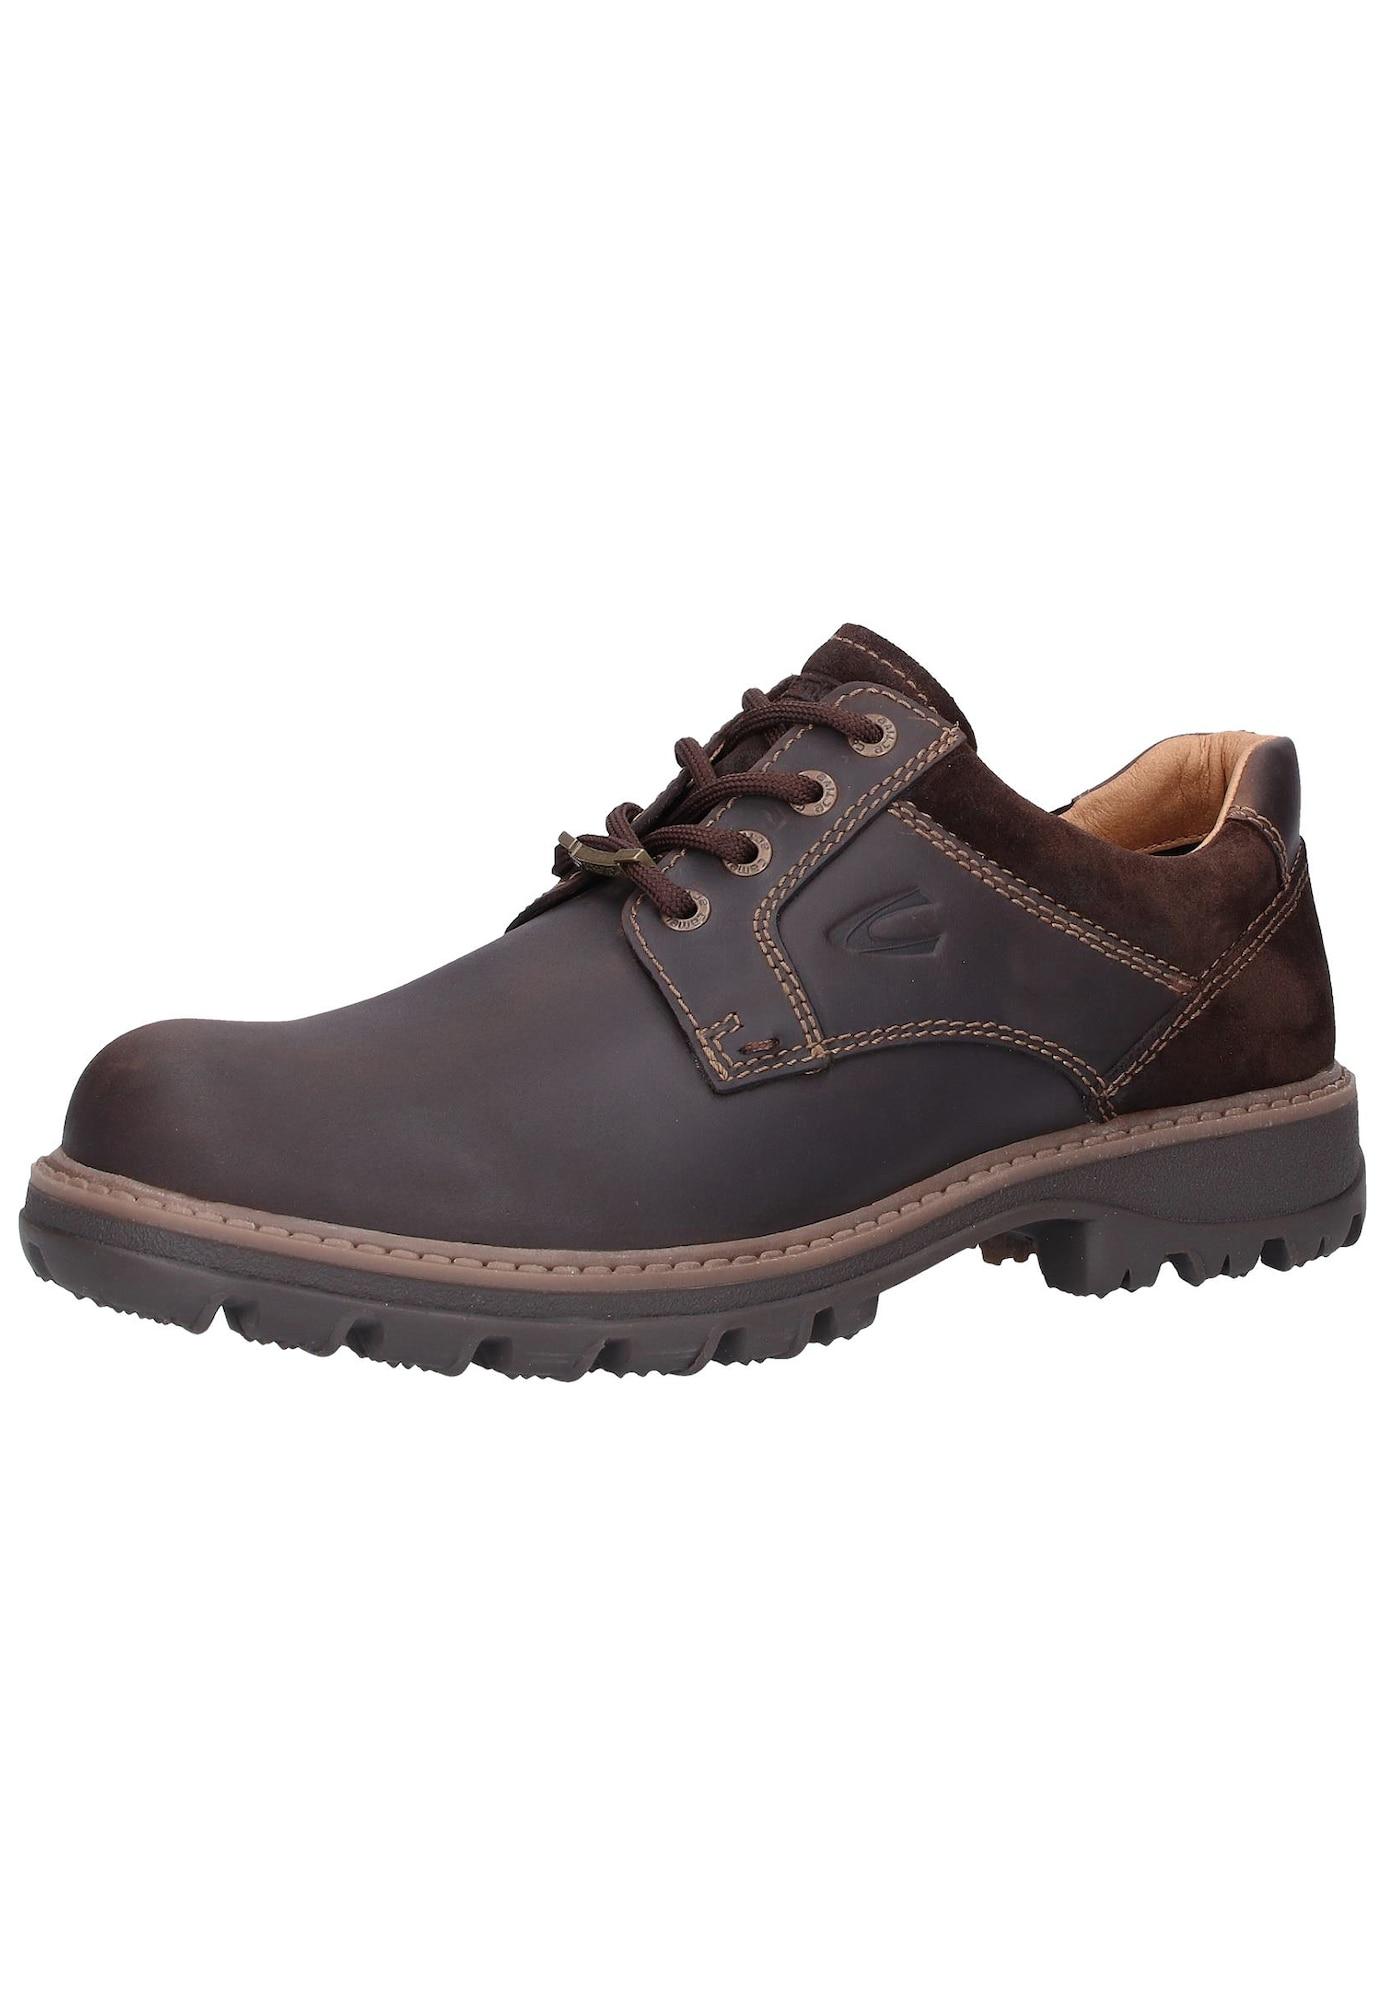 Halbschuhe | Schuhe > Boots > Boots | Braun | camel active